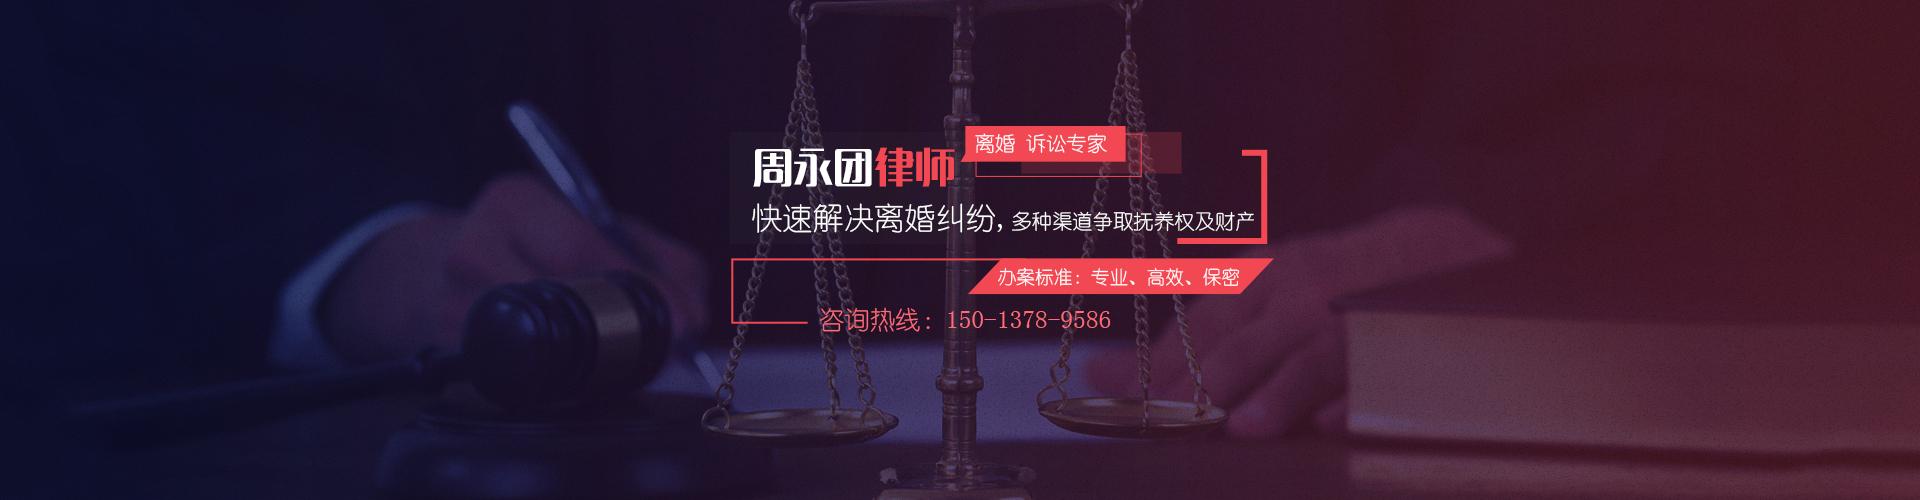 周永团律师